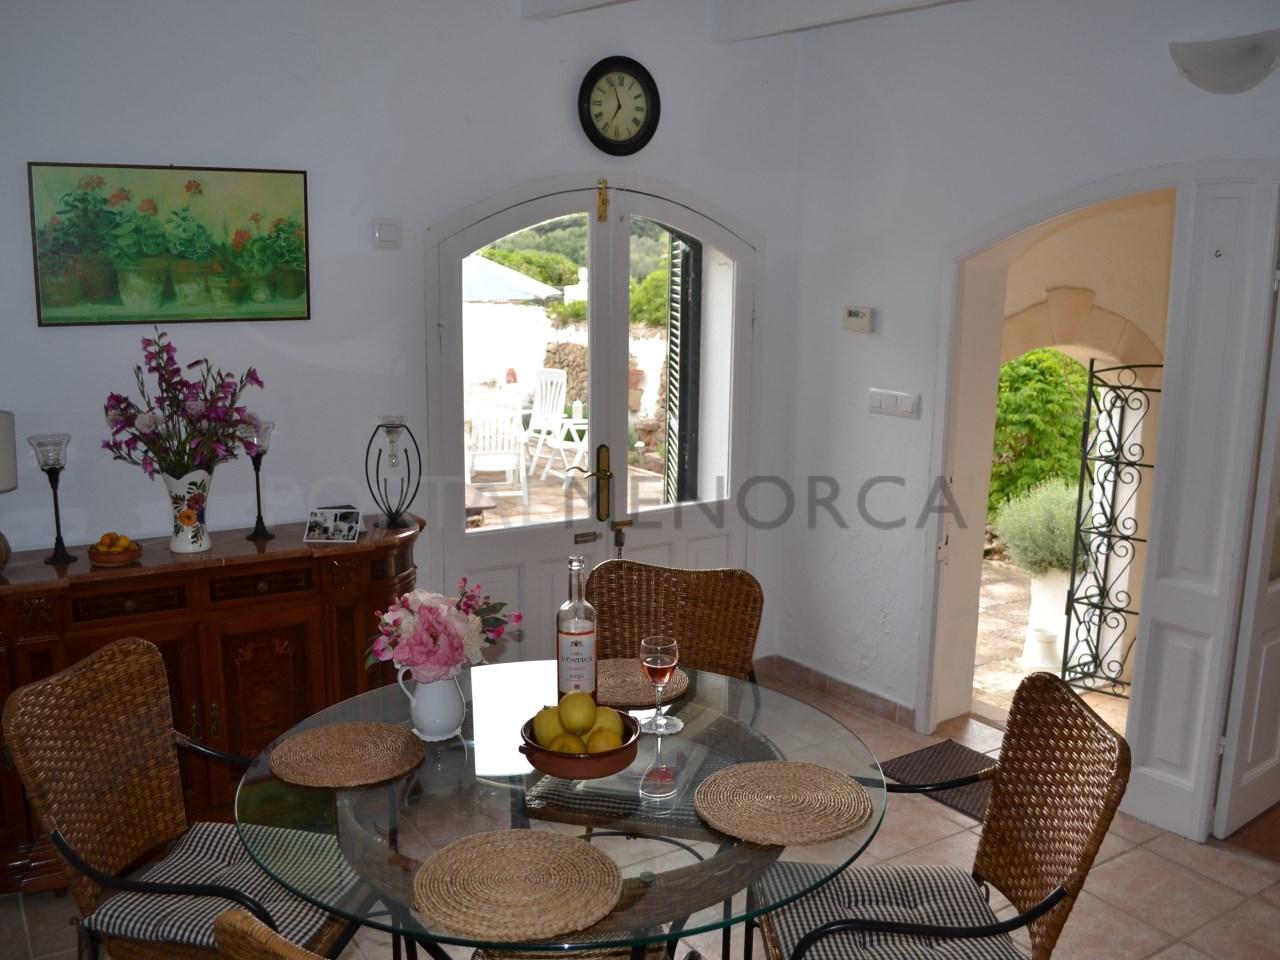 Las Ramblas dining area overlooking courtyard